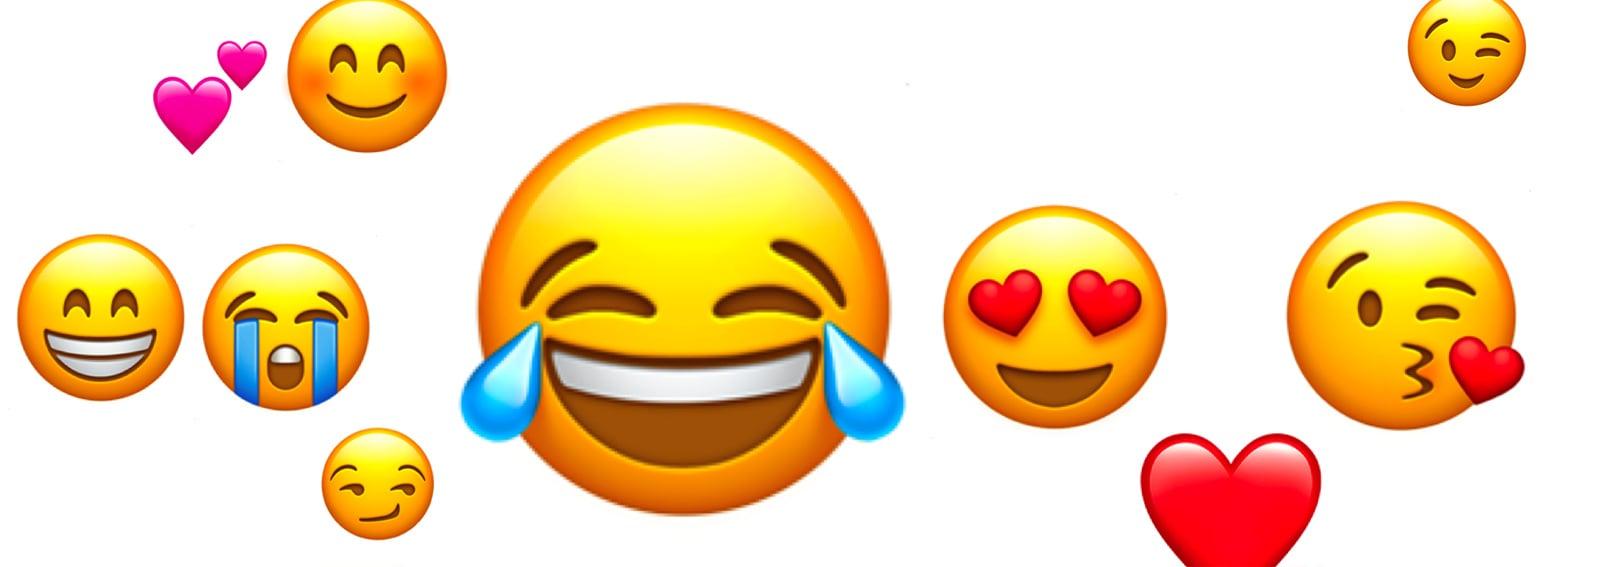 emoticon desktop